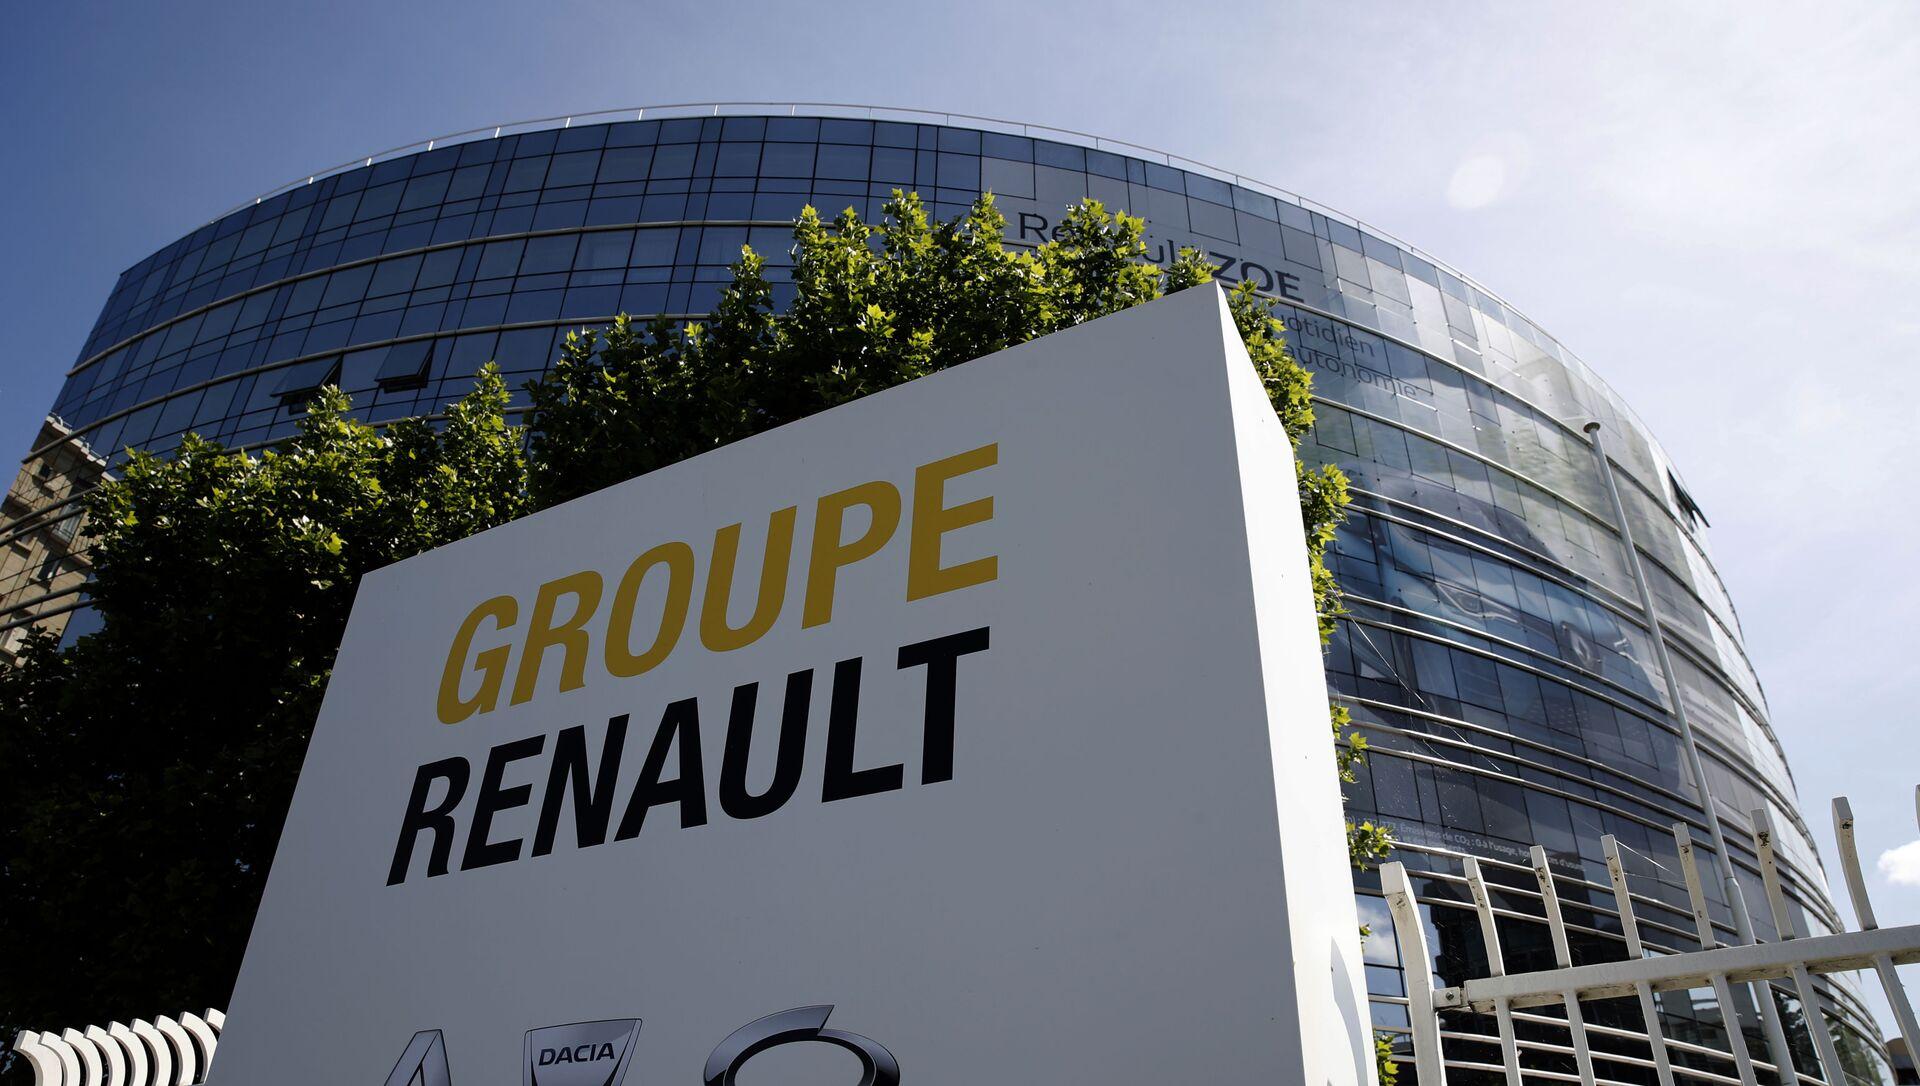 Le bâtiment du groupe Renault à Boulogne-Billancourt - Sputnik France, 1920, 17.09.2021